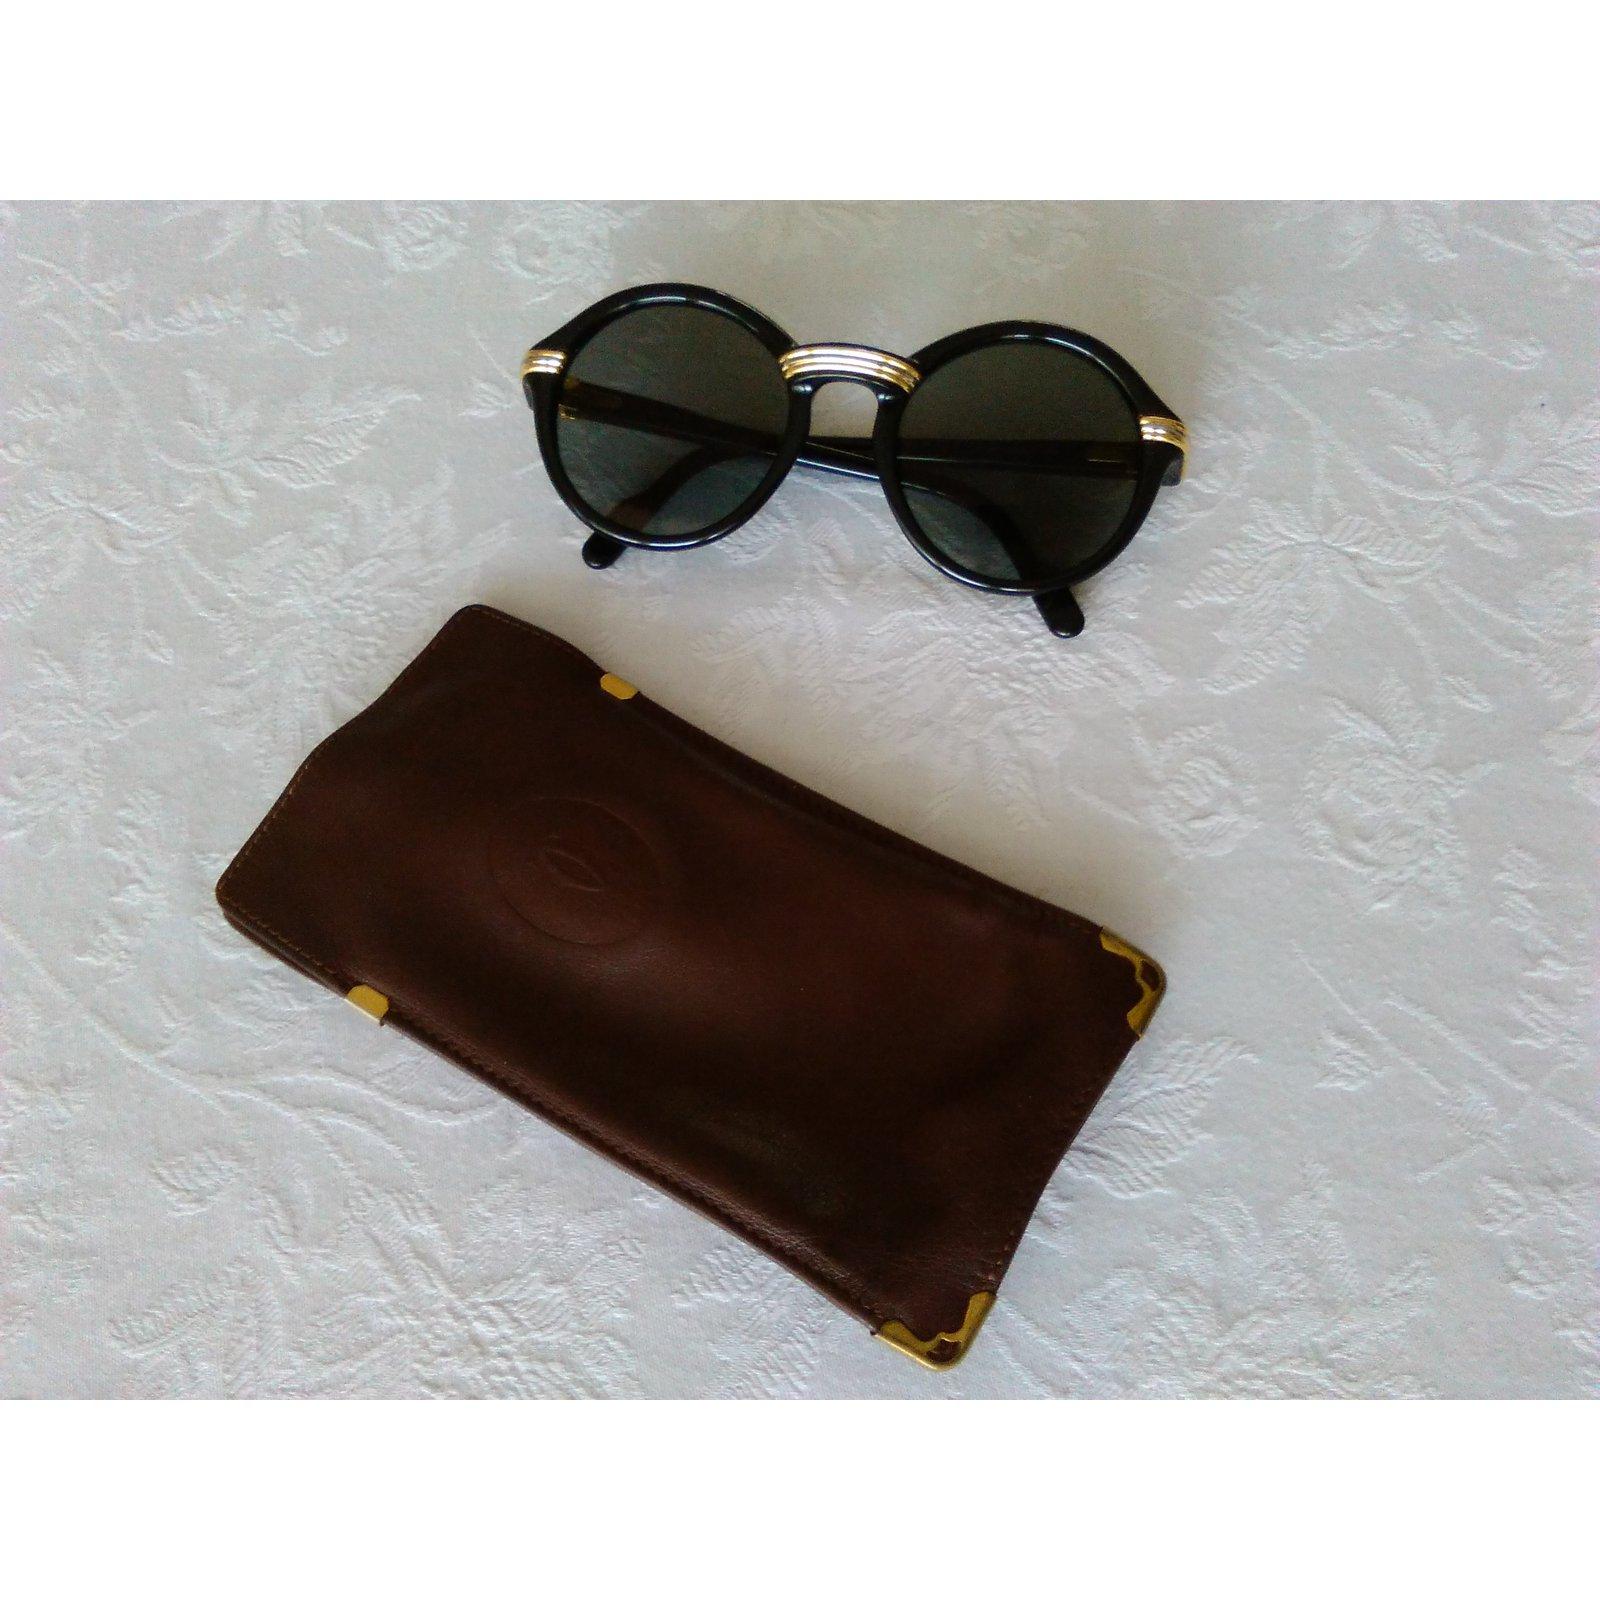 68a489be11 Lunettes Cartier Cabriolet Black / Lunettes de soleil Vintage / Lunettes de  soleil Legendery '90 Plastique,Plaqué or Noir ref.92192 - Joli Closet